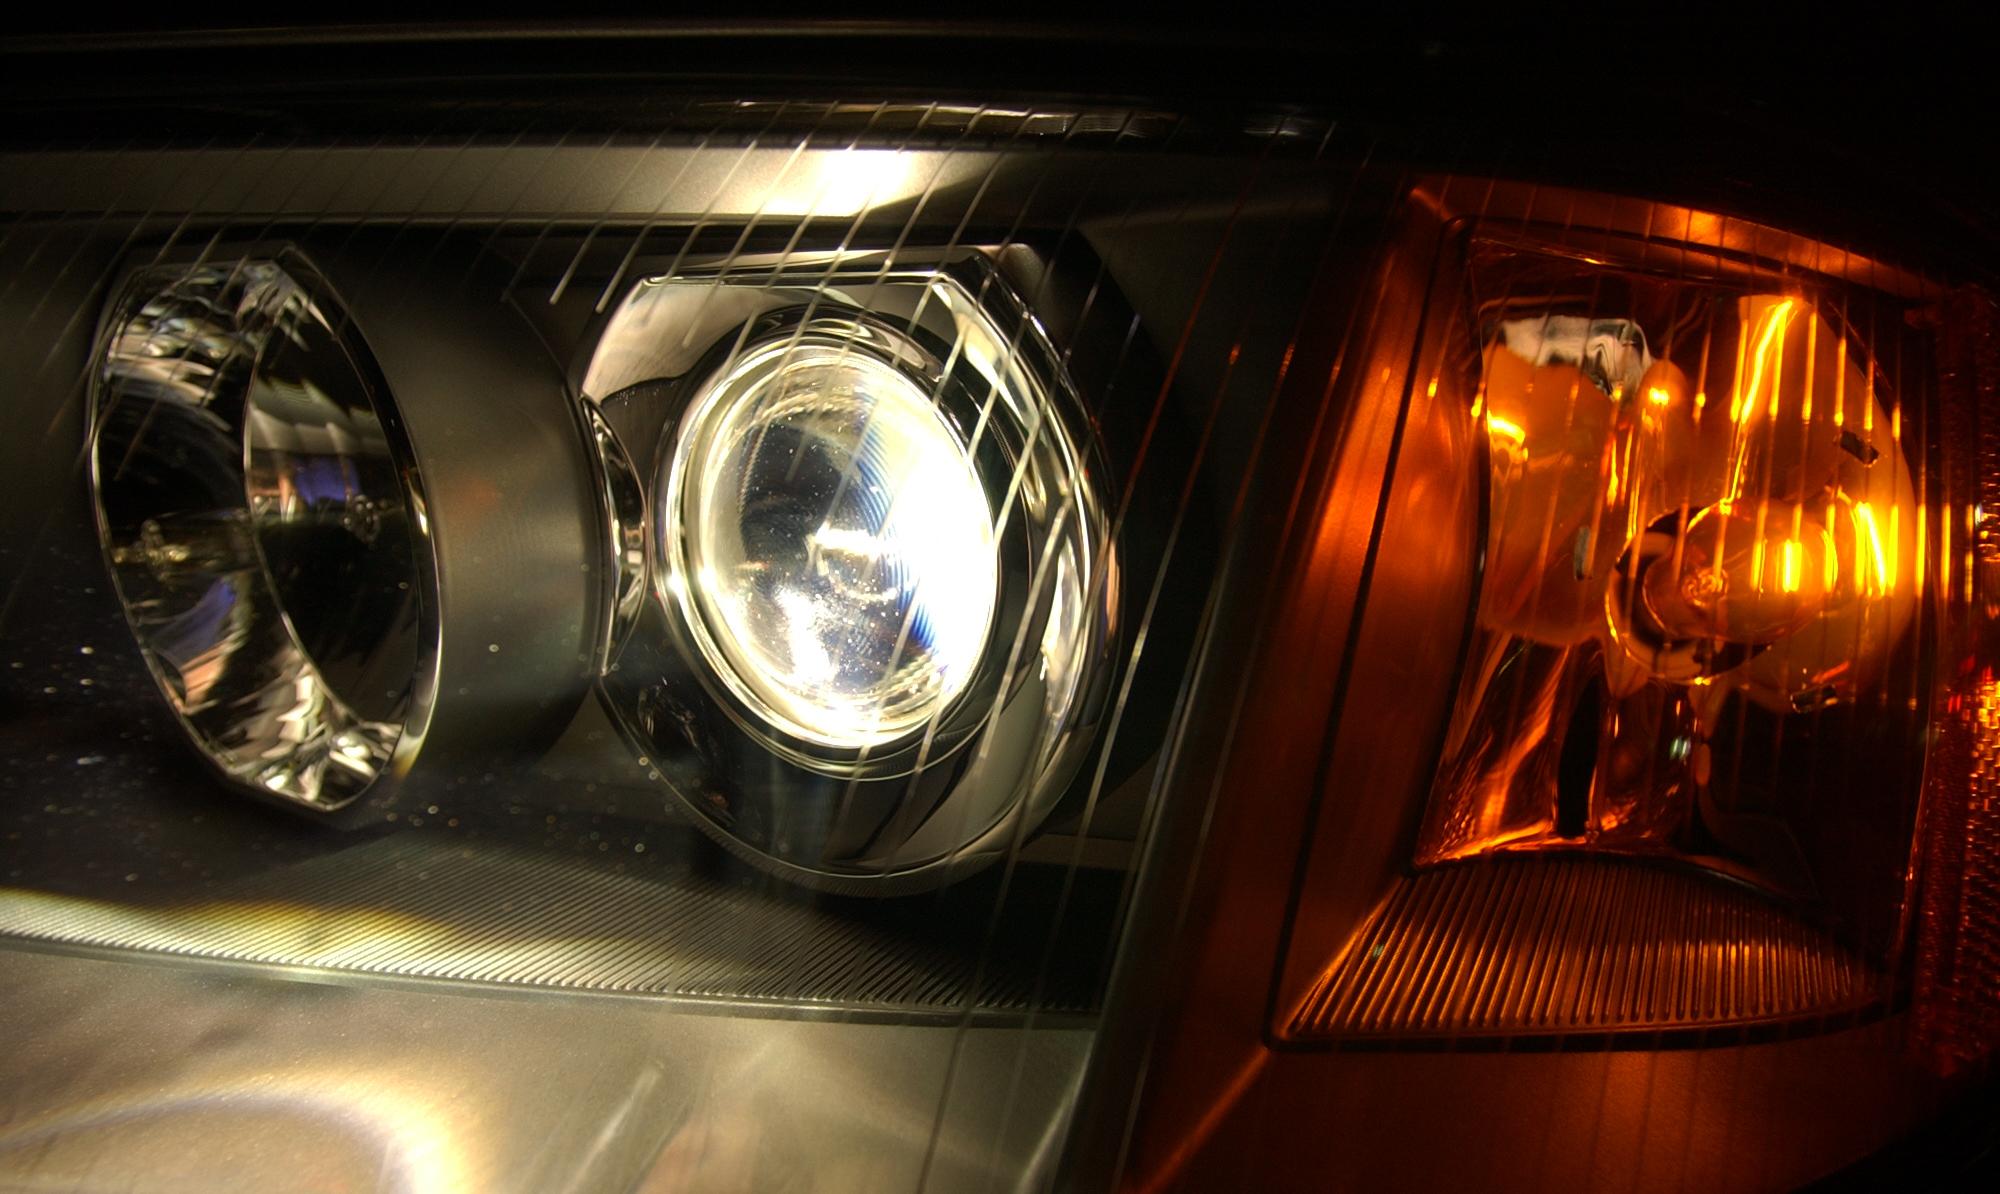 Audi plans return to Alaska's North Slope for secretive cold-weather testing